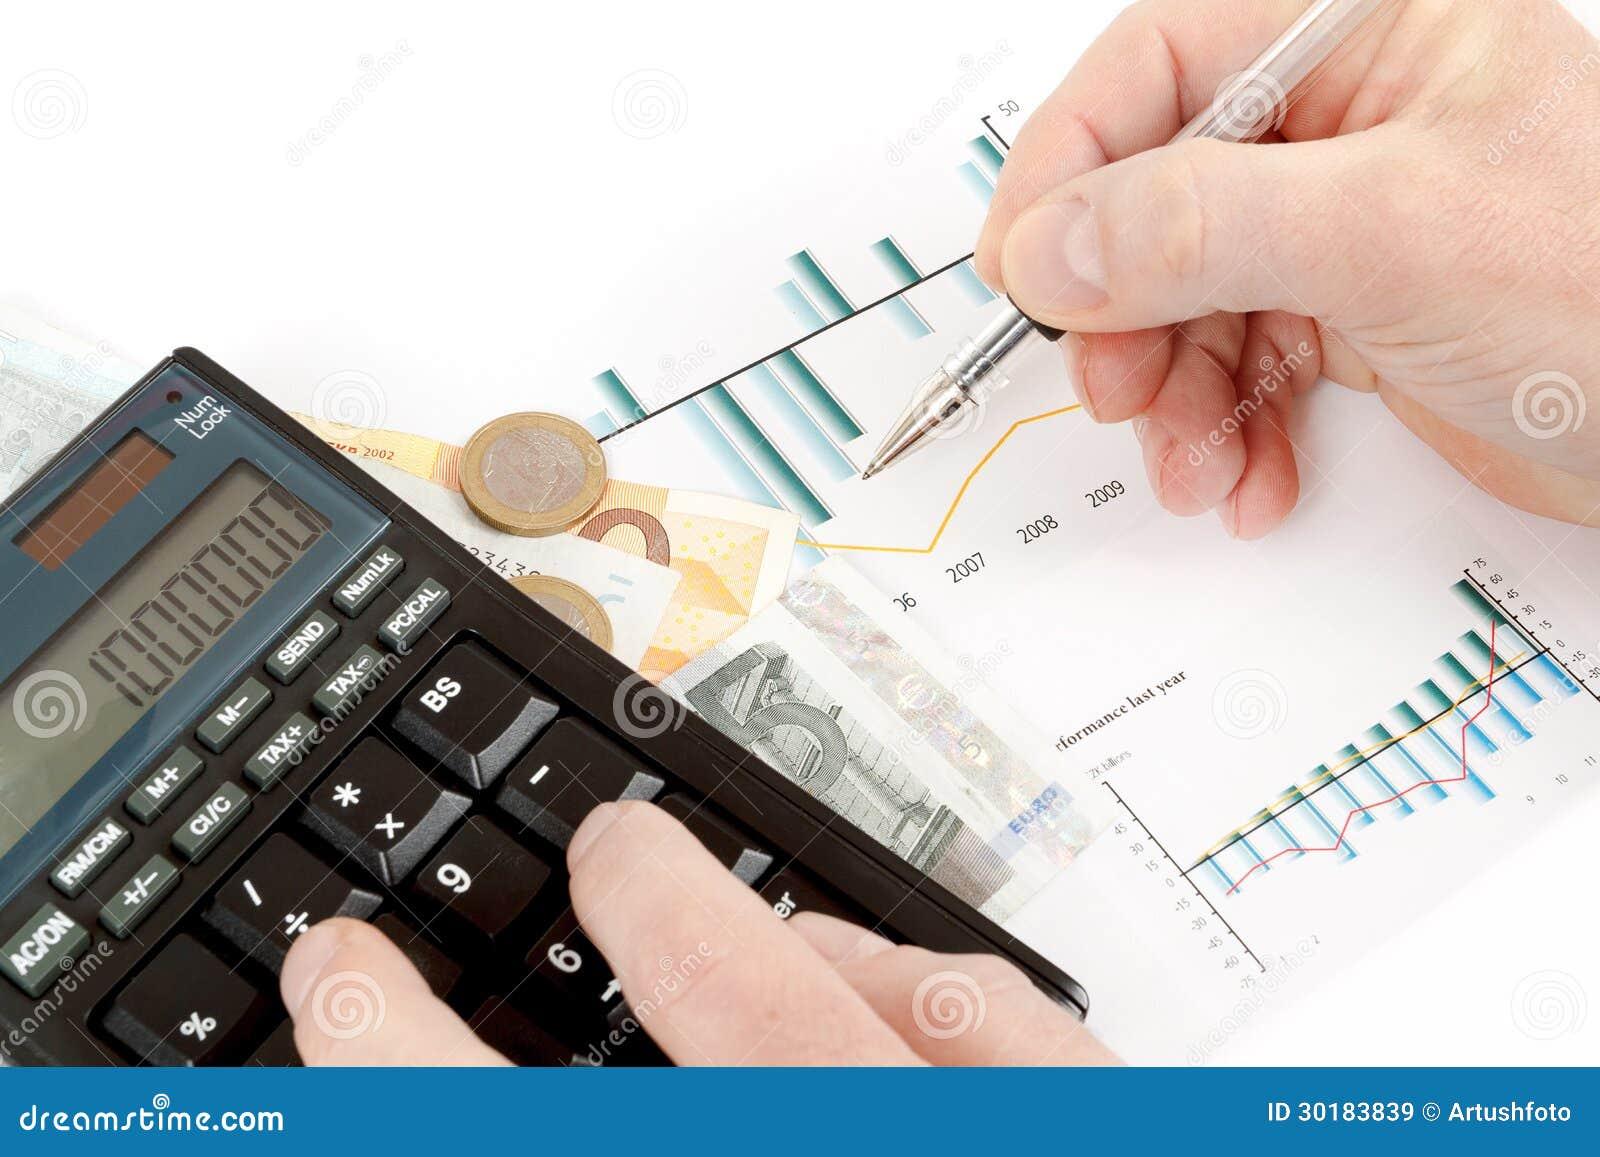 Calculatrice Diagrammes Stylo A Disposition Cartes De Visite Professionnelle Argent